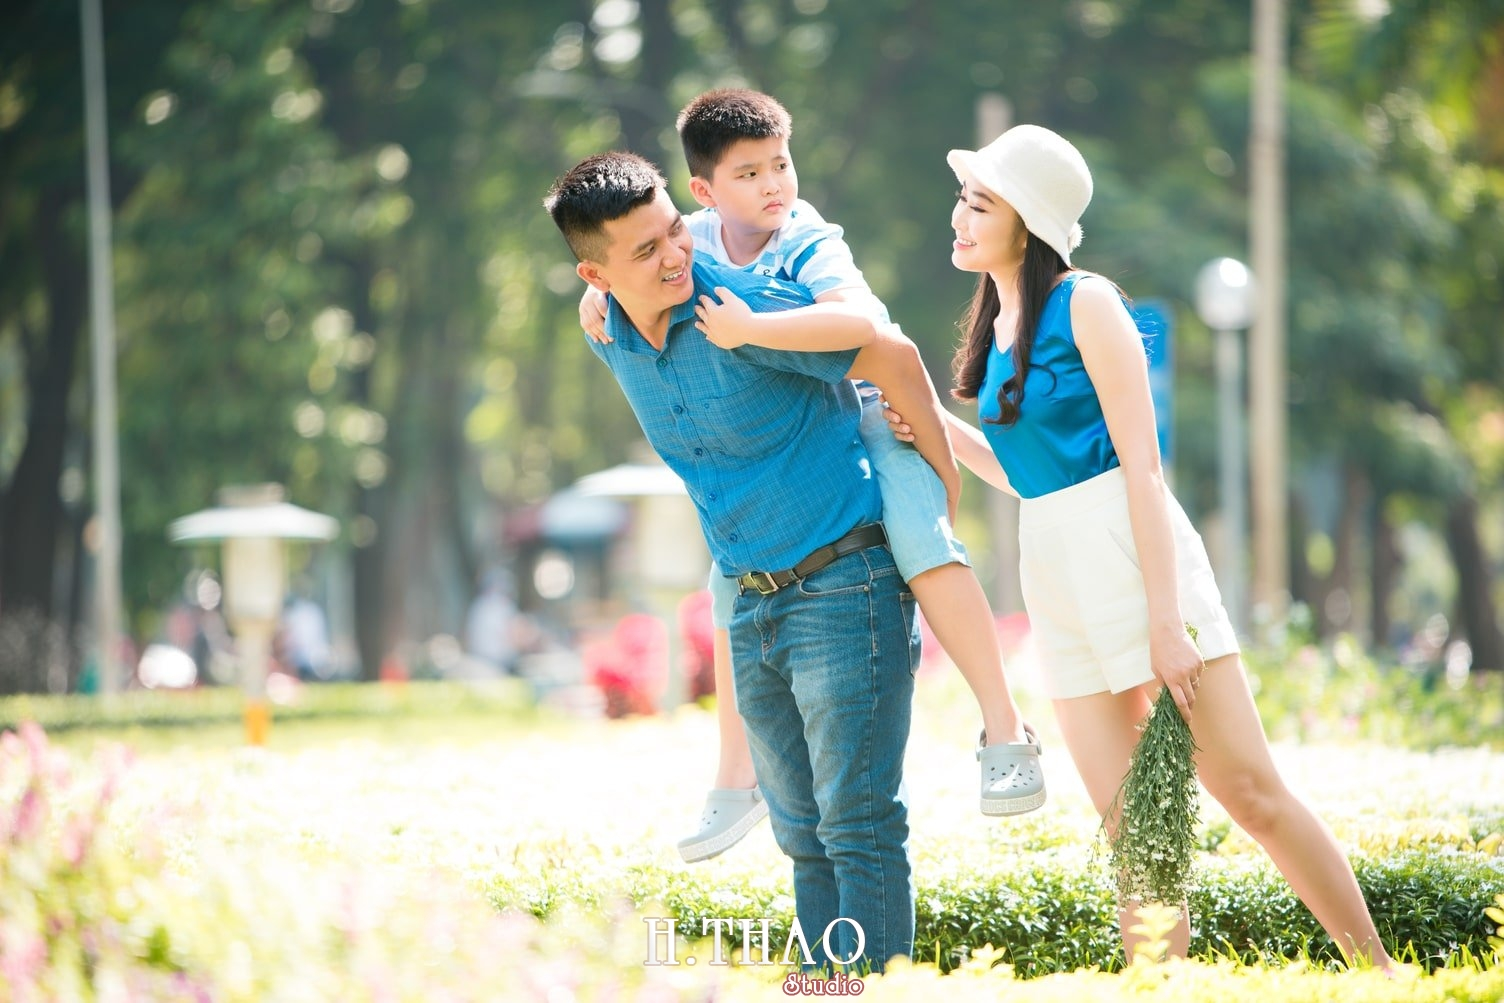 Anh Gia dinh 3 nguoi 10 - Studio chụp ảnh gia đình 3 người đẹp tại Tp.HCM - HThao Studio